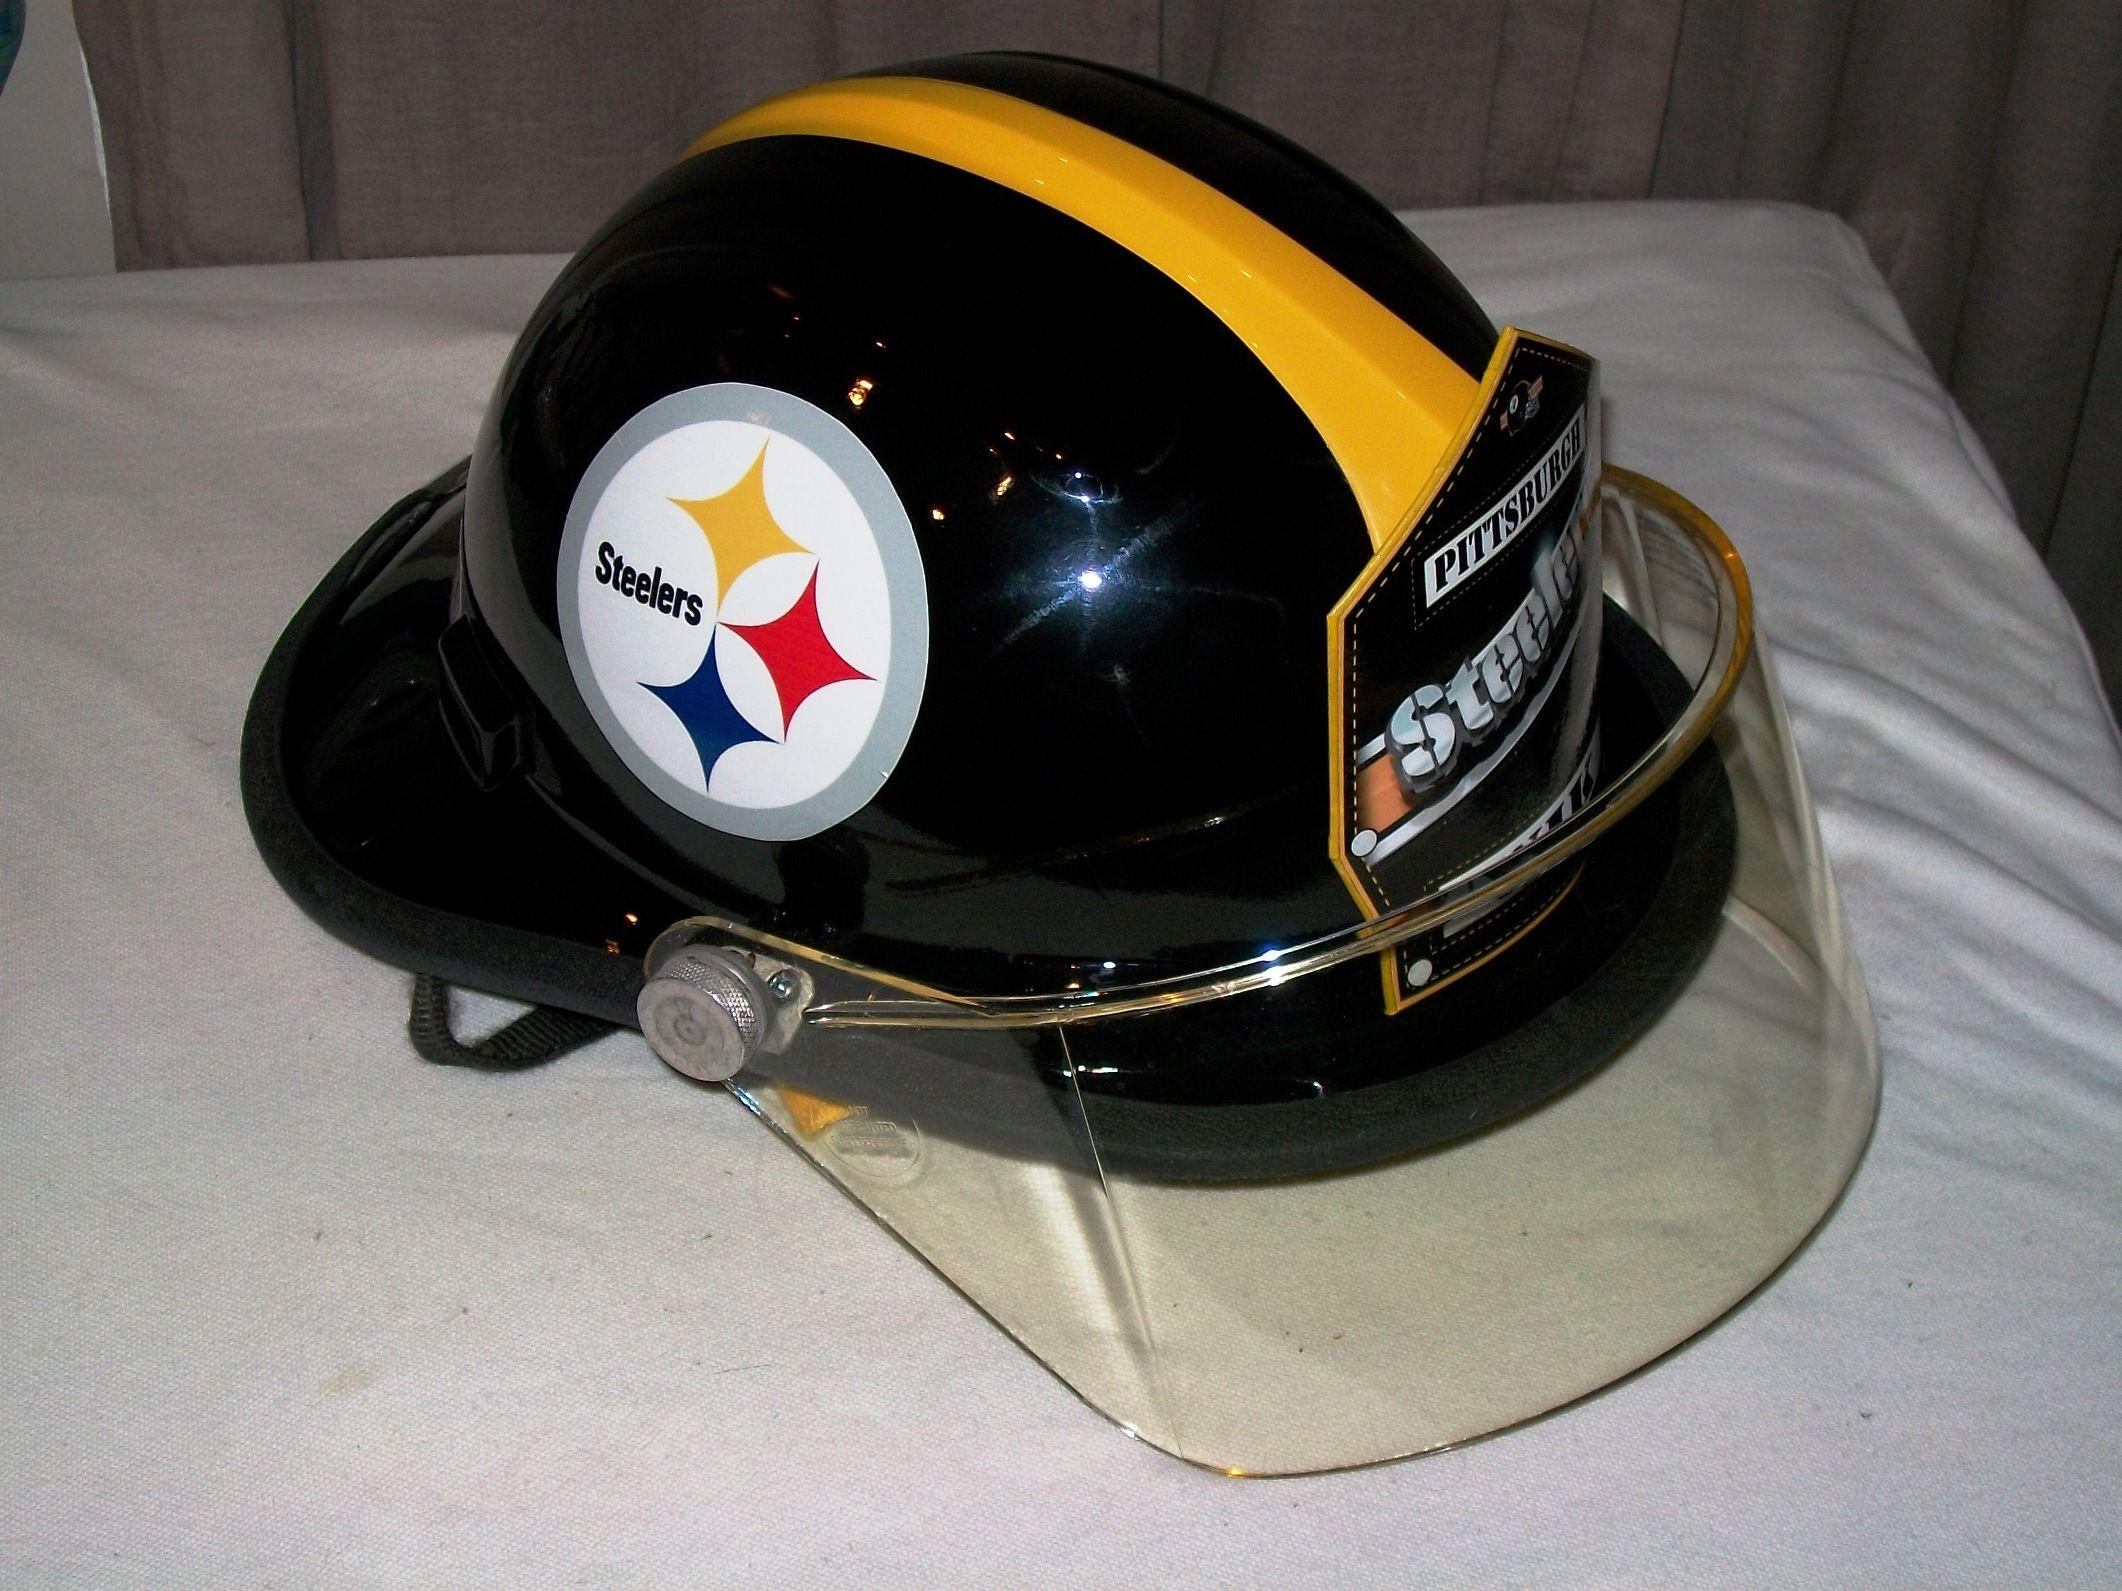 0efe1f51a4c Pittsburgh Steelers Helmet